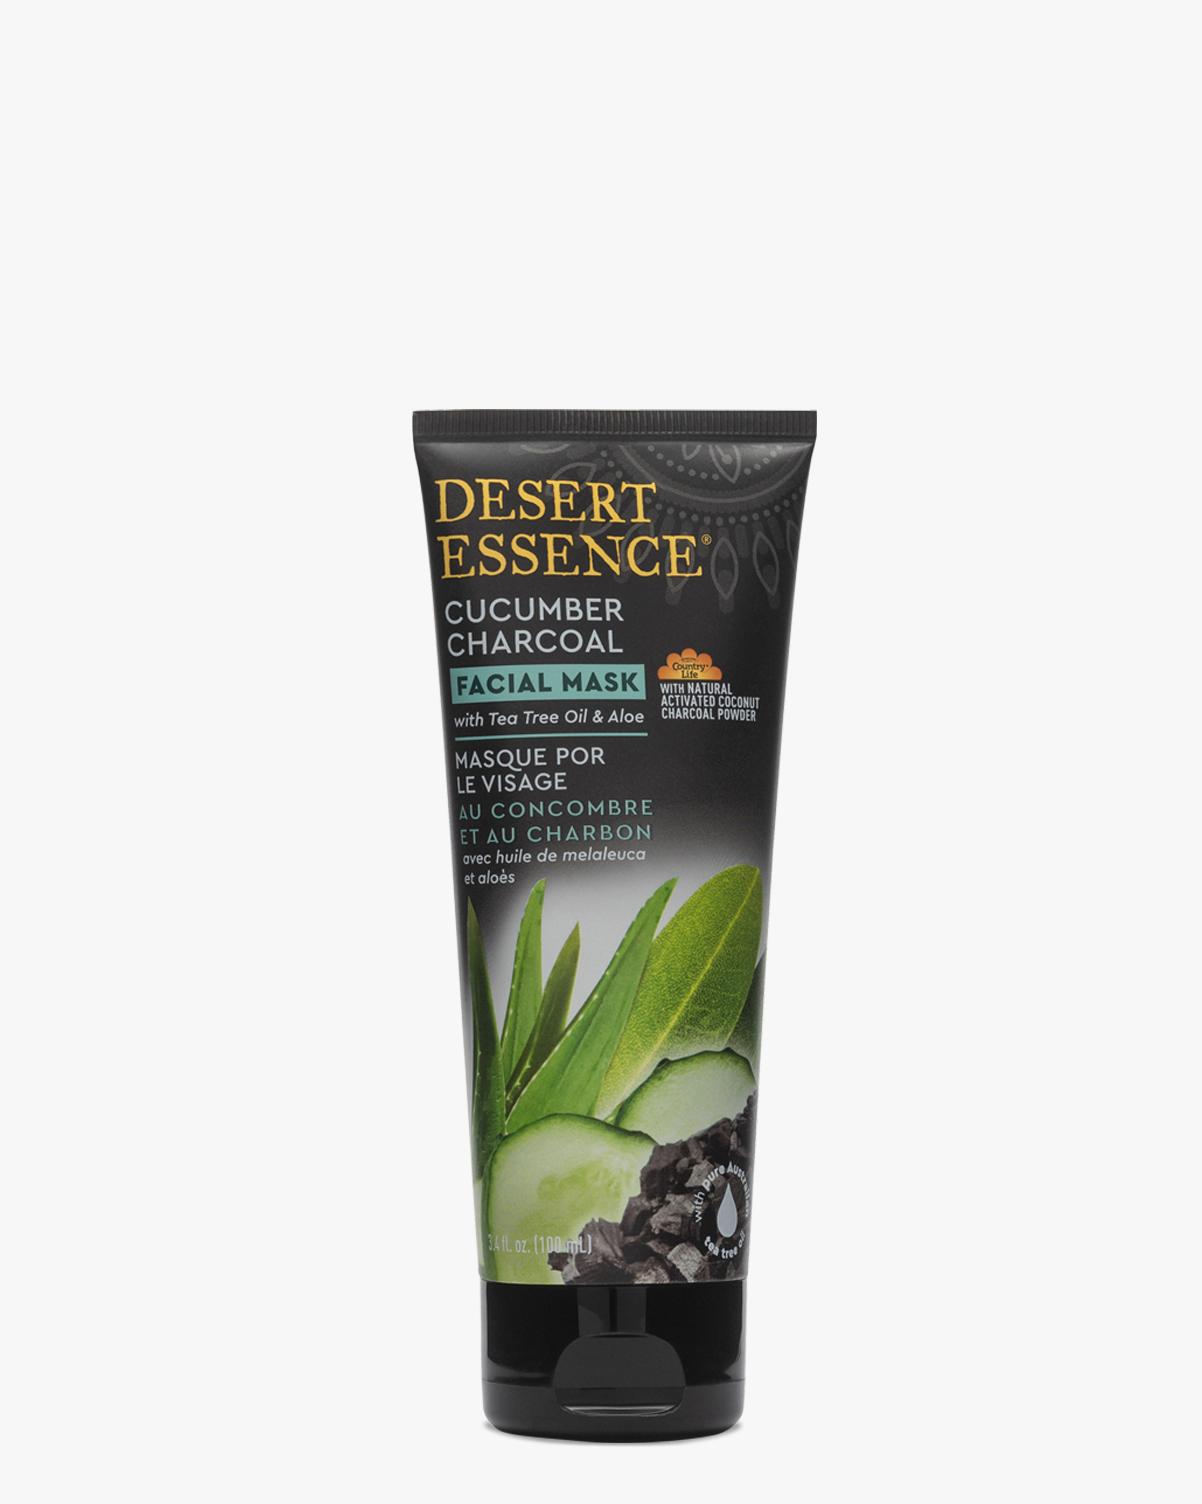 Desert Essence coupon: Desert Essence Cucumber Charcoal Facial Mask, 3.4 fl. oz | Vegan | Gluten-Free